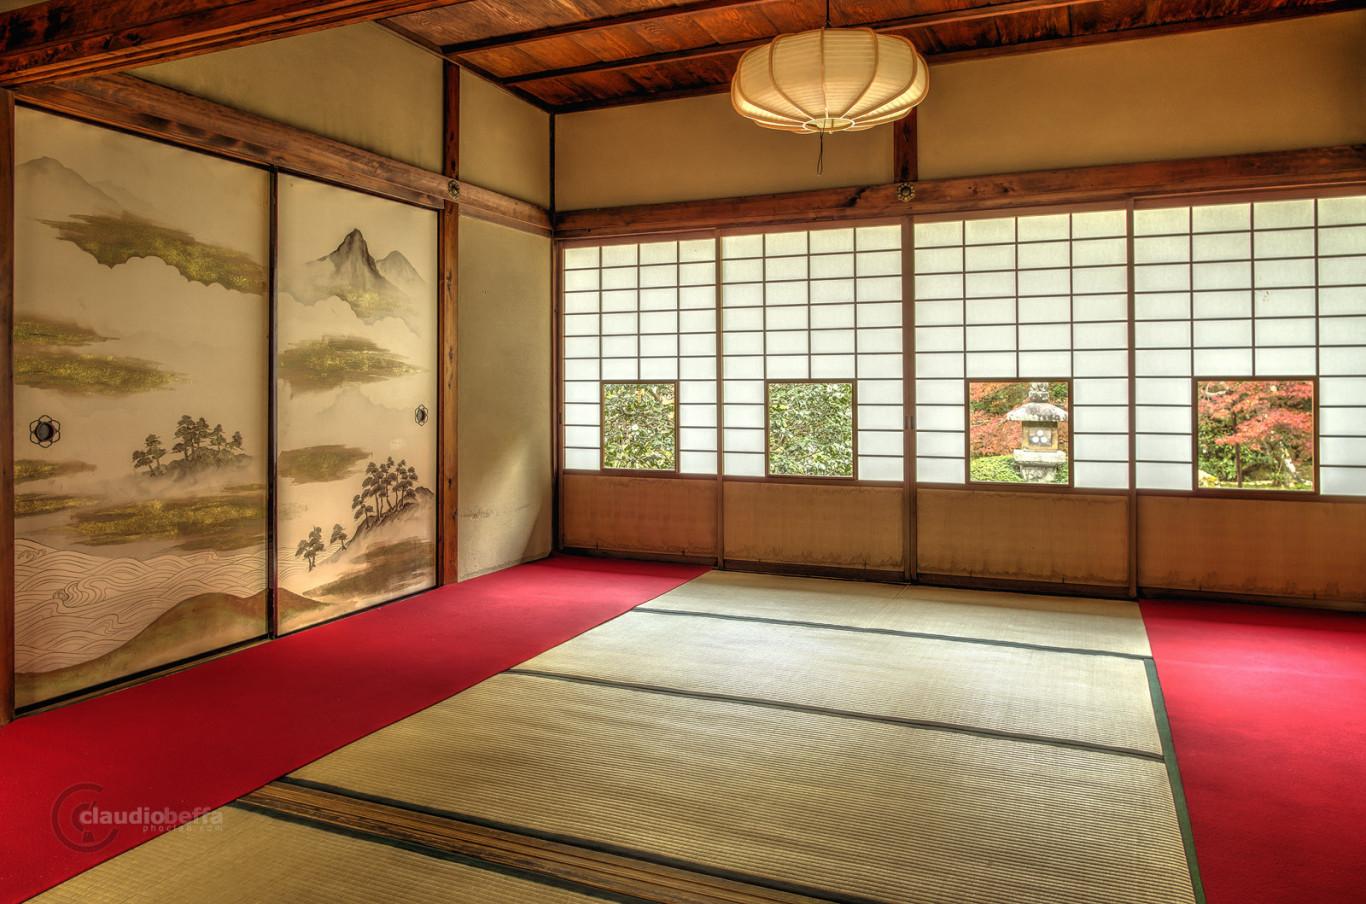 Unryuin Kyoto Shoji Fusuma Garden Contemplation